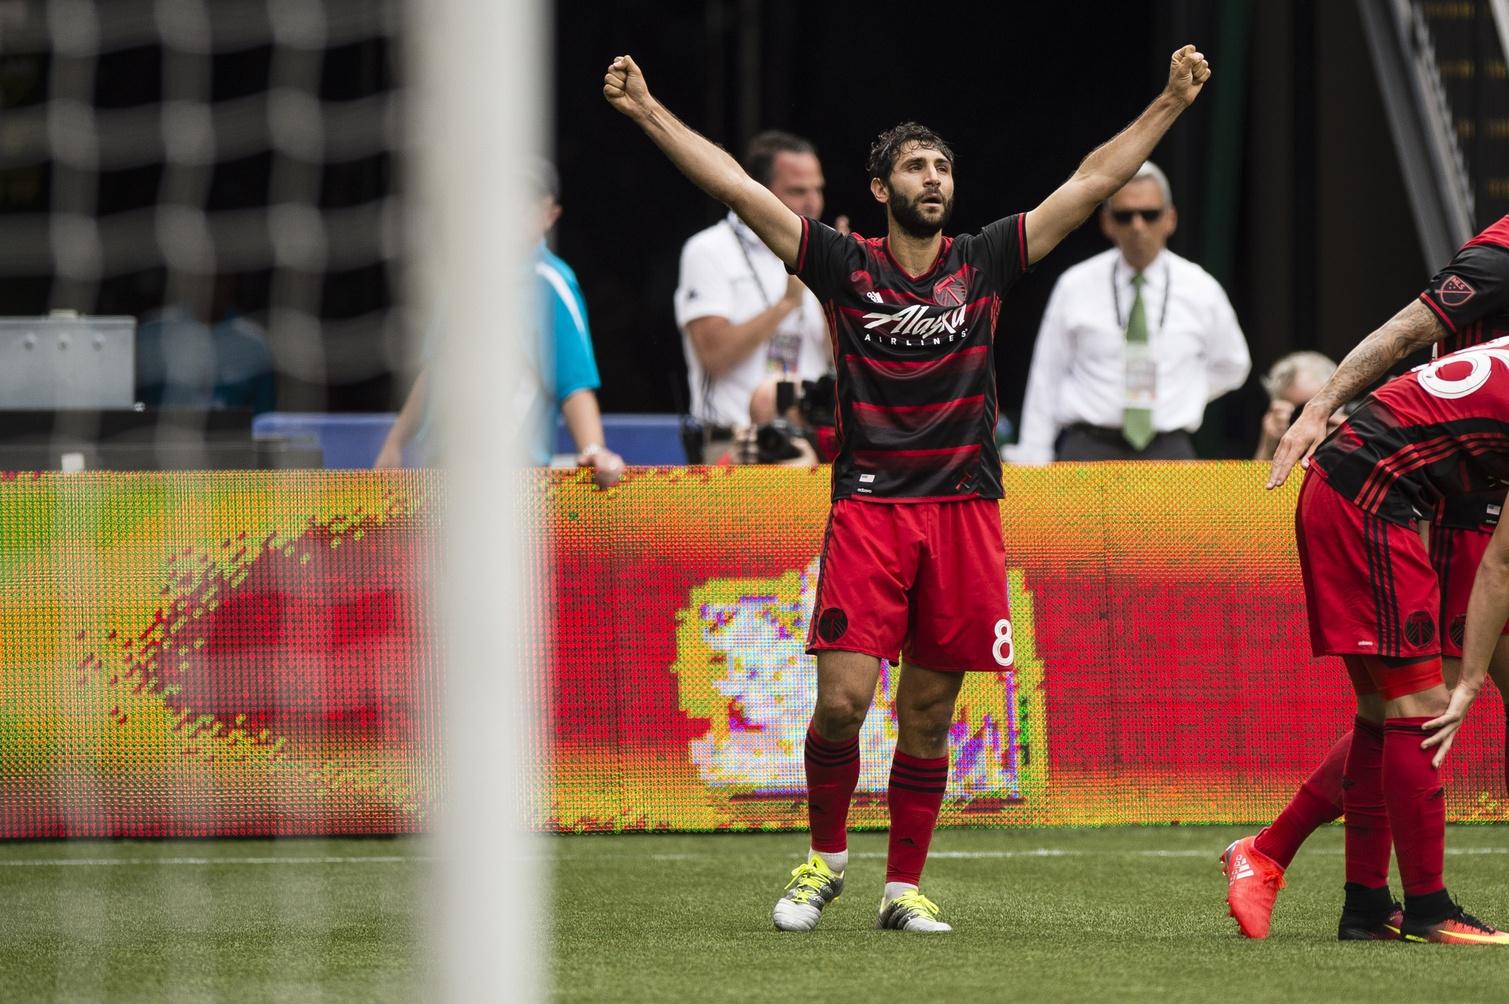 Photo by Troy Wayrynen/USA Today Sports